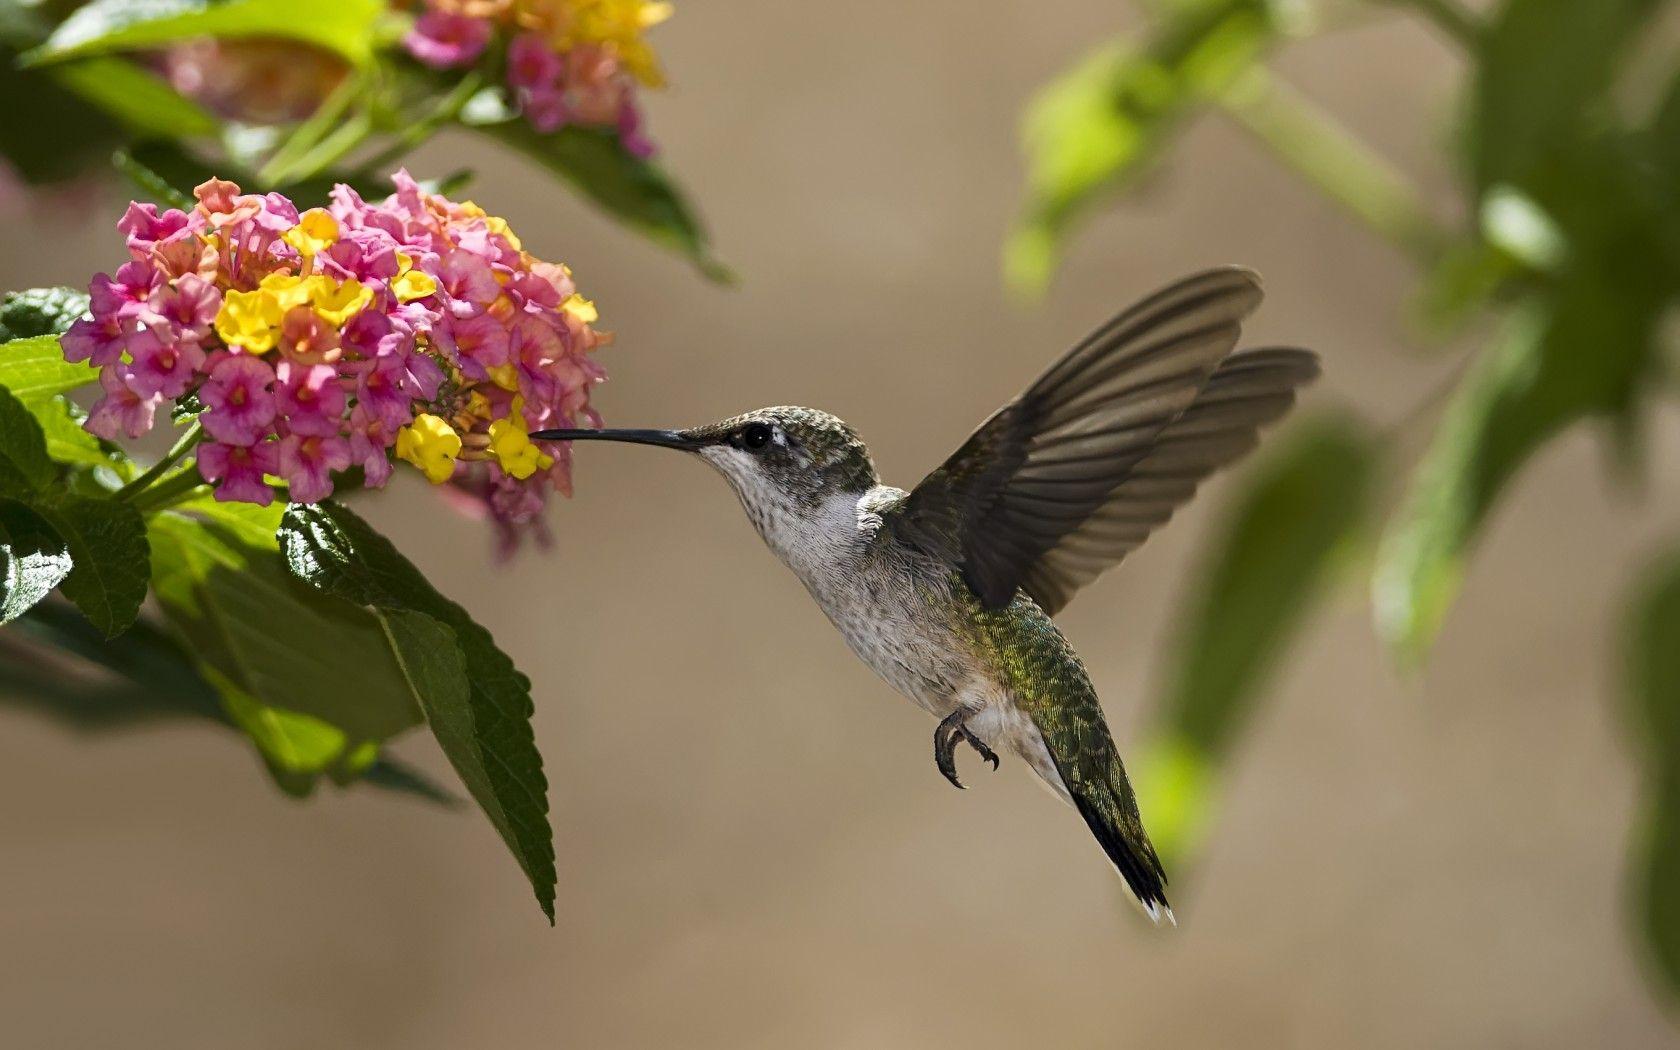 Download Hintergrund Vogel, Kolibri, Blumen, Nektar Freie desktop ...